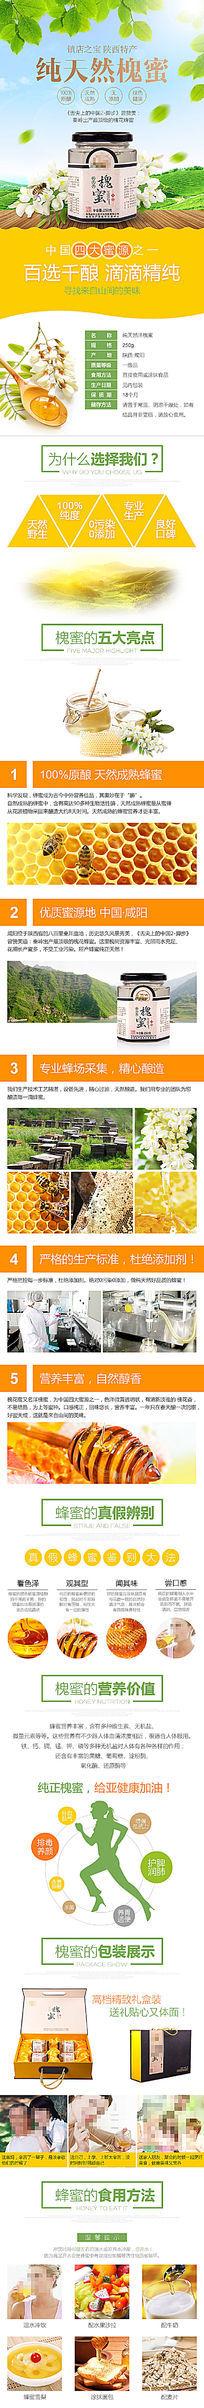 蜂蜜槐花蜜饮品保健品详情页宝贝描述模板